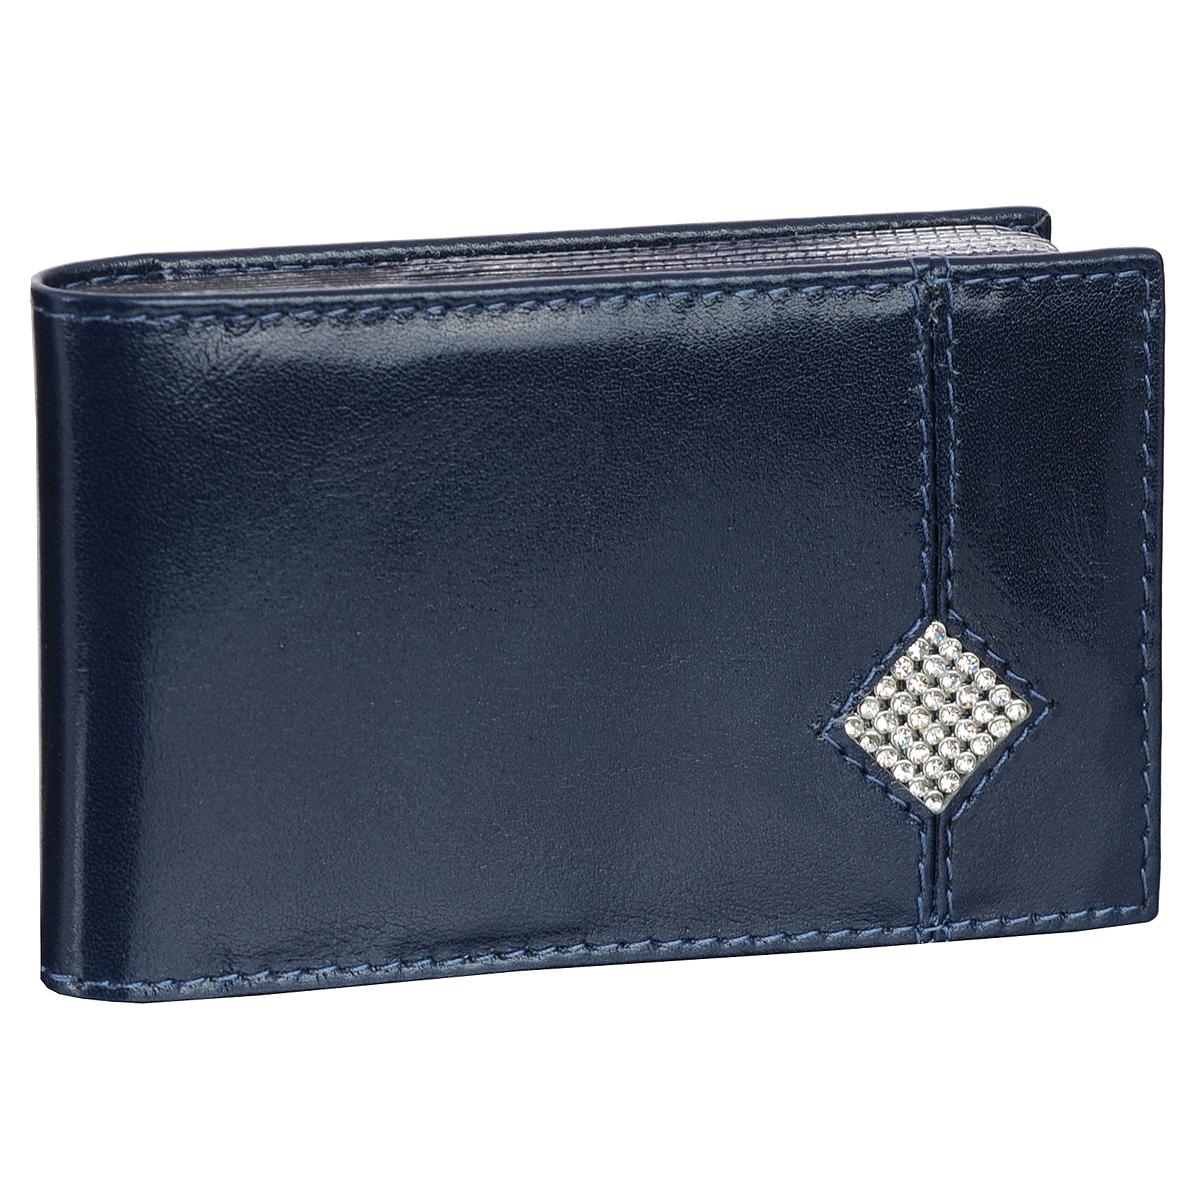 Футляр для визиток Dimanche Сапфир, цвет: синий. 164A52_108Футляр для визиток Dimanche Сапфир изготовлен из высококачественной натуральной кожи с матовой текстурой. Лицевая сторона украшена ромбом из страз. Внутри содержится блок из прозрачного пластика на 16 визиток или пластиковых карт, а также вертикальный кармашек.Стильный и практичный футляр Dimanche Сапфир идеально подчеркнет ваш образ и поможет хранить все визитки в одном месте. Упакован в фирменную картонную коробку.